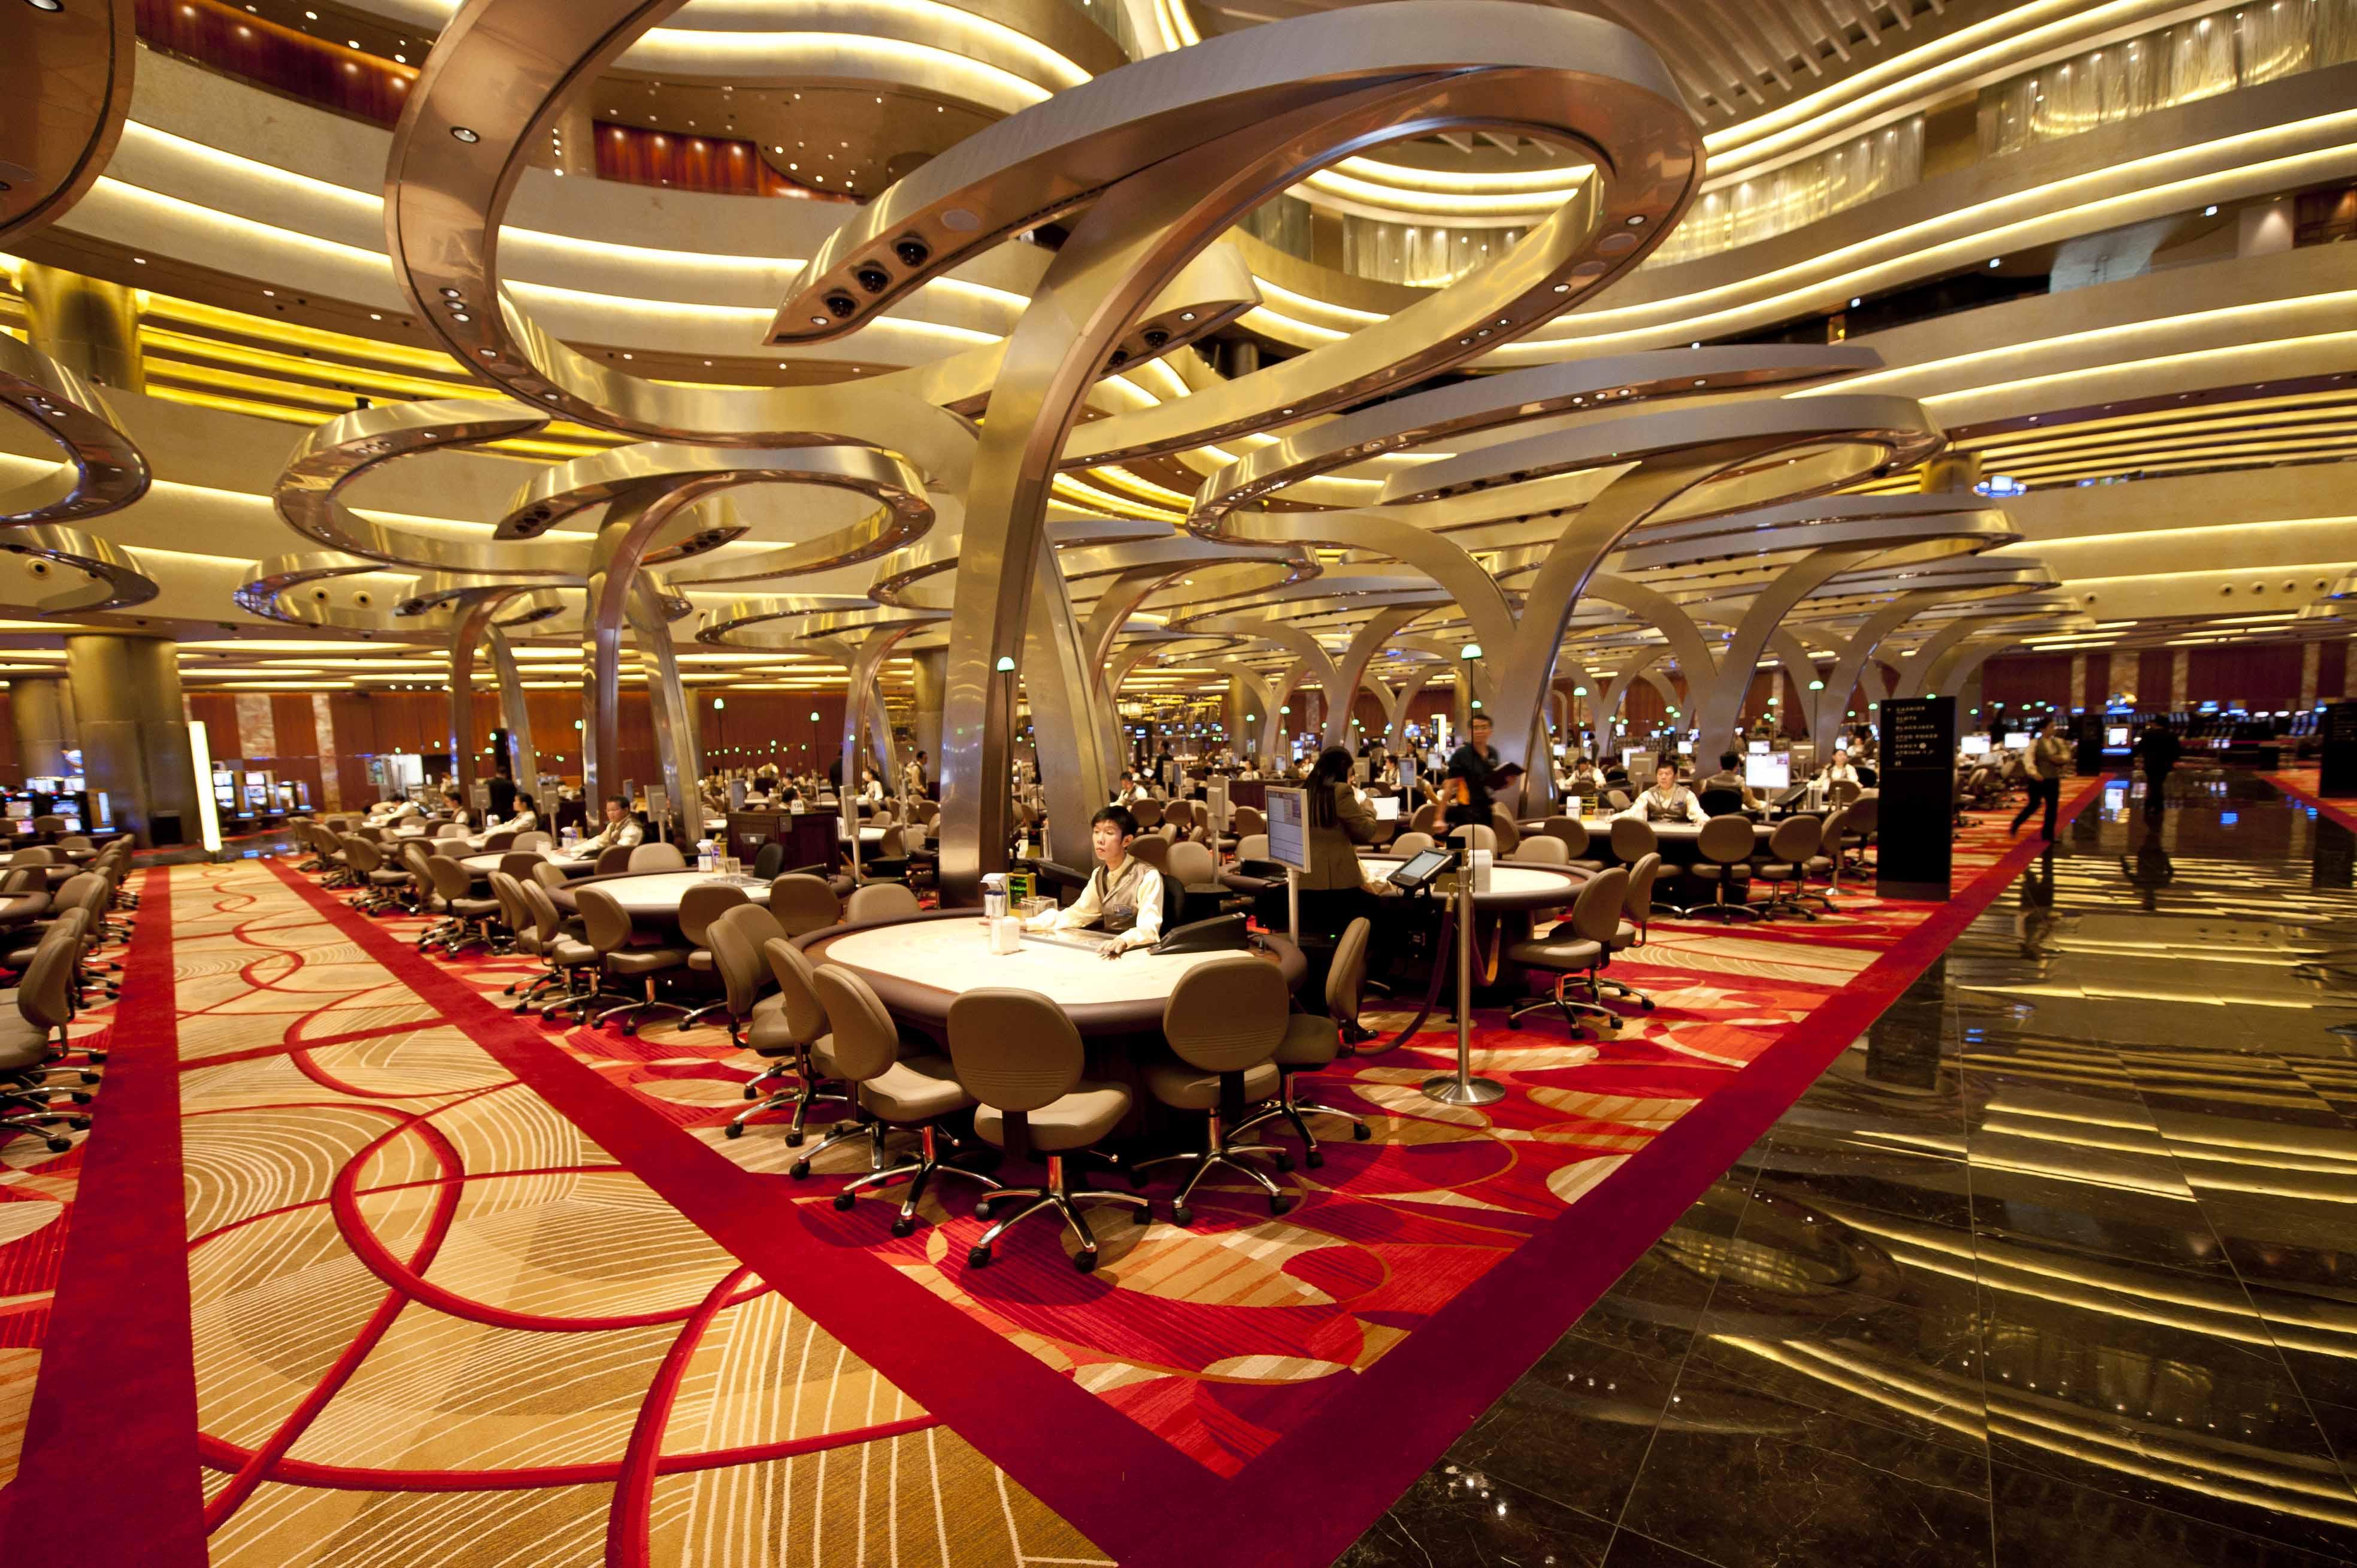 Marina casino showboat casino atlantic tity